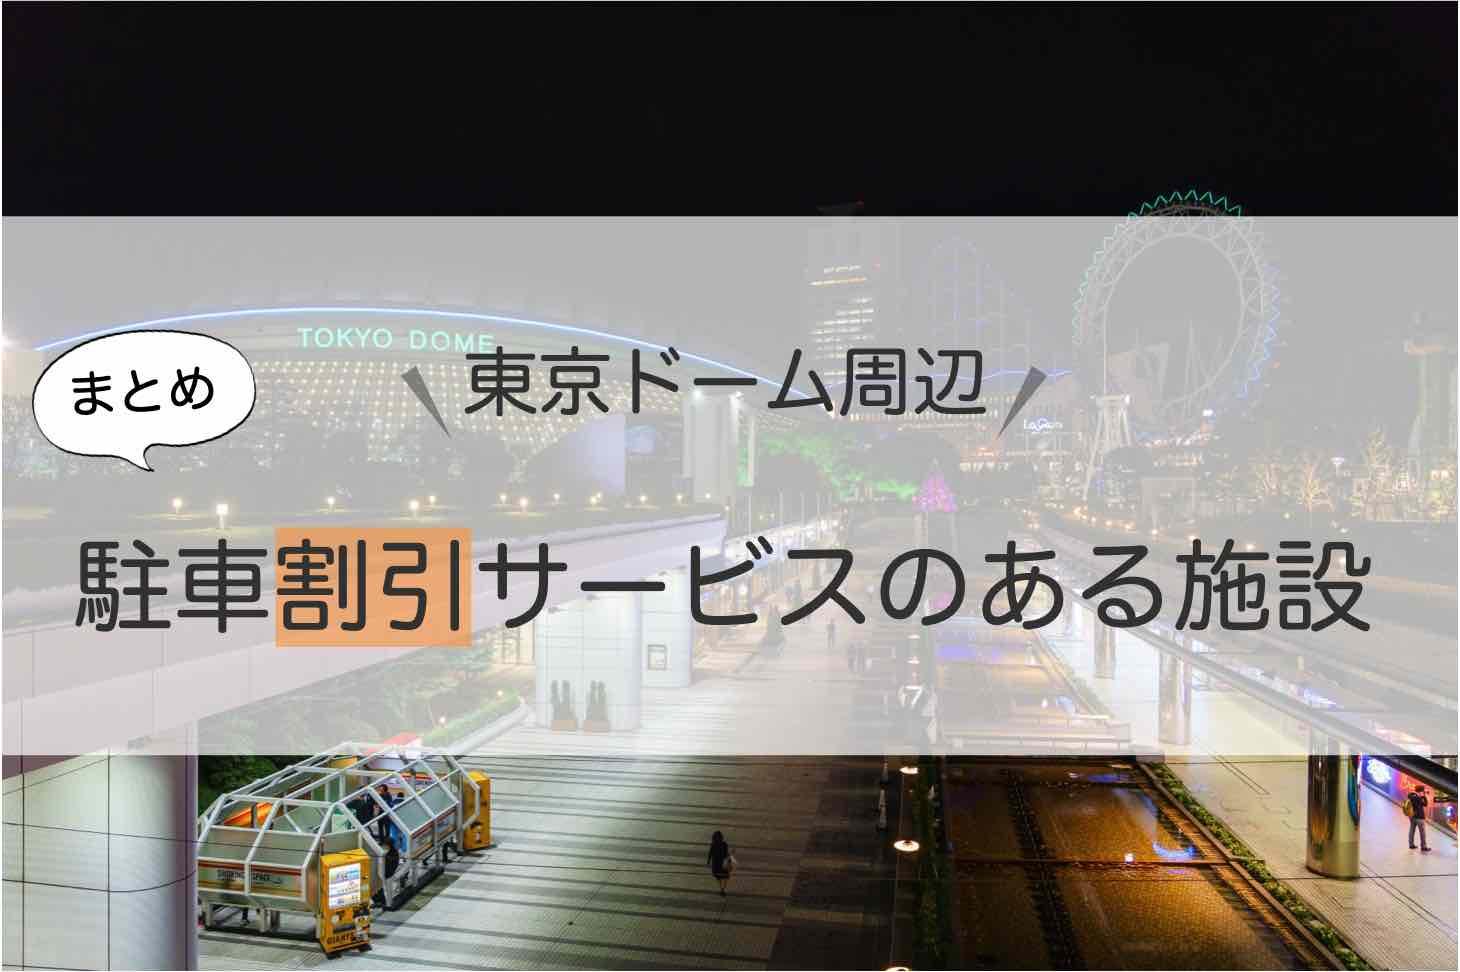 東京ドーム_割引_駐車場